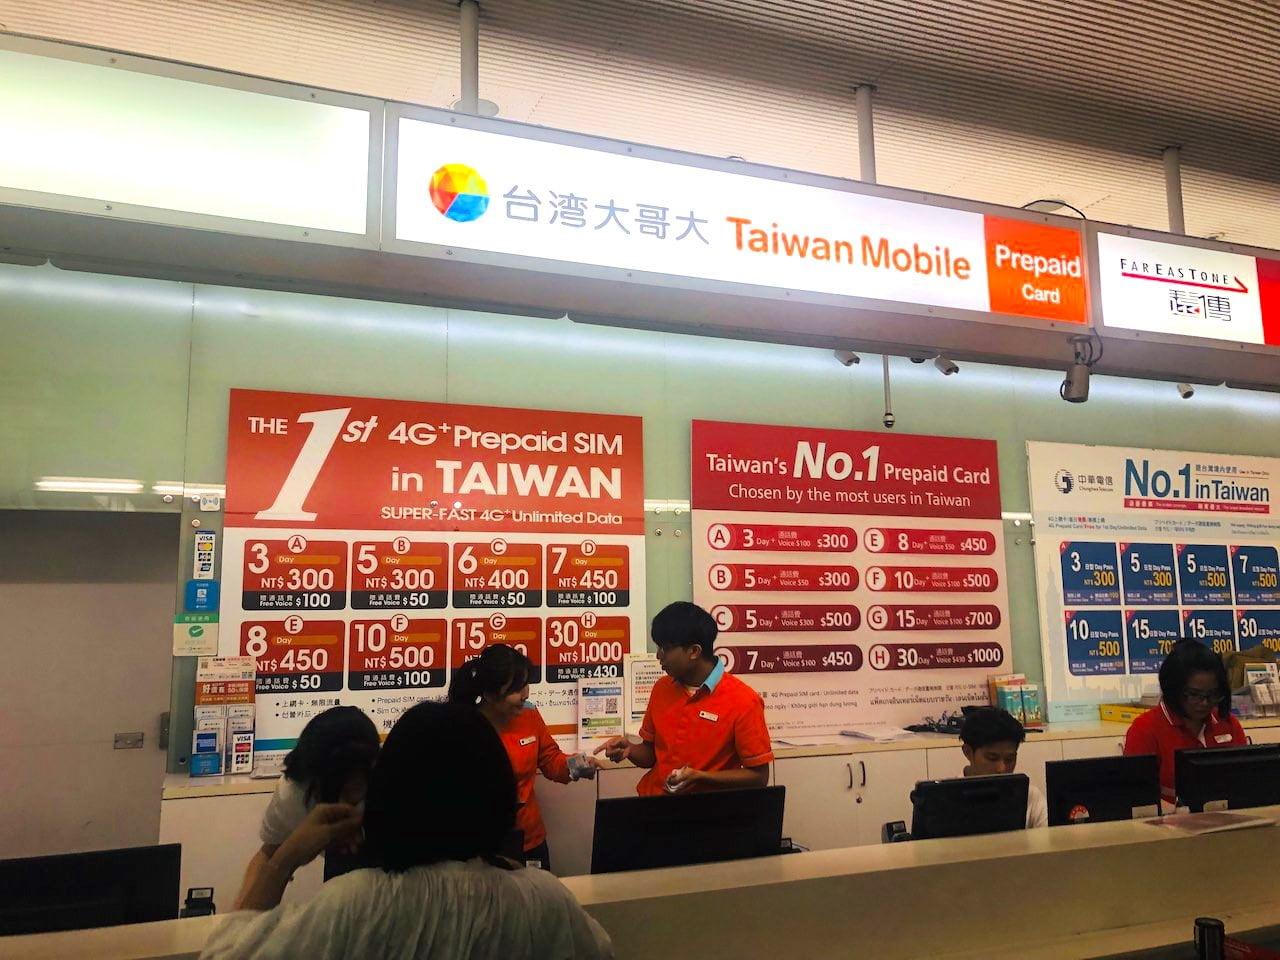 Taiwan airpor prepaids sim 0005